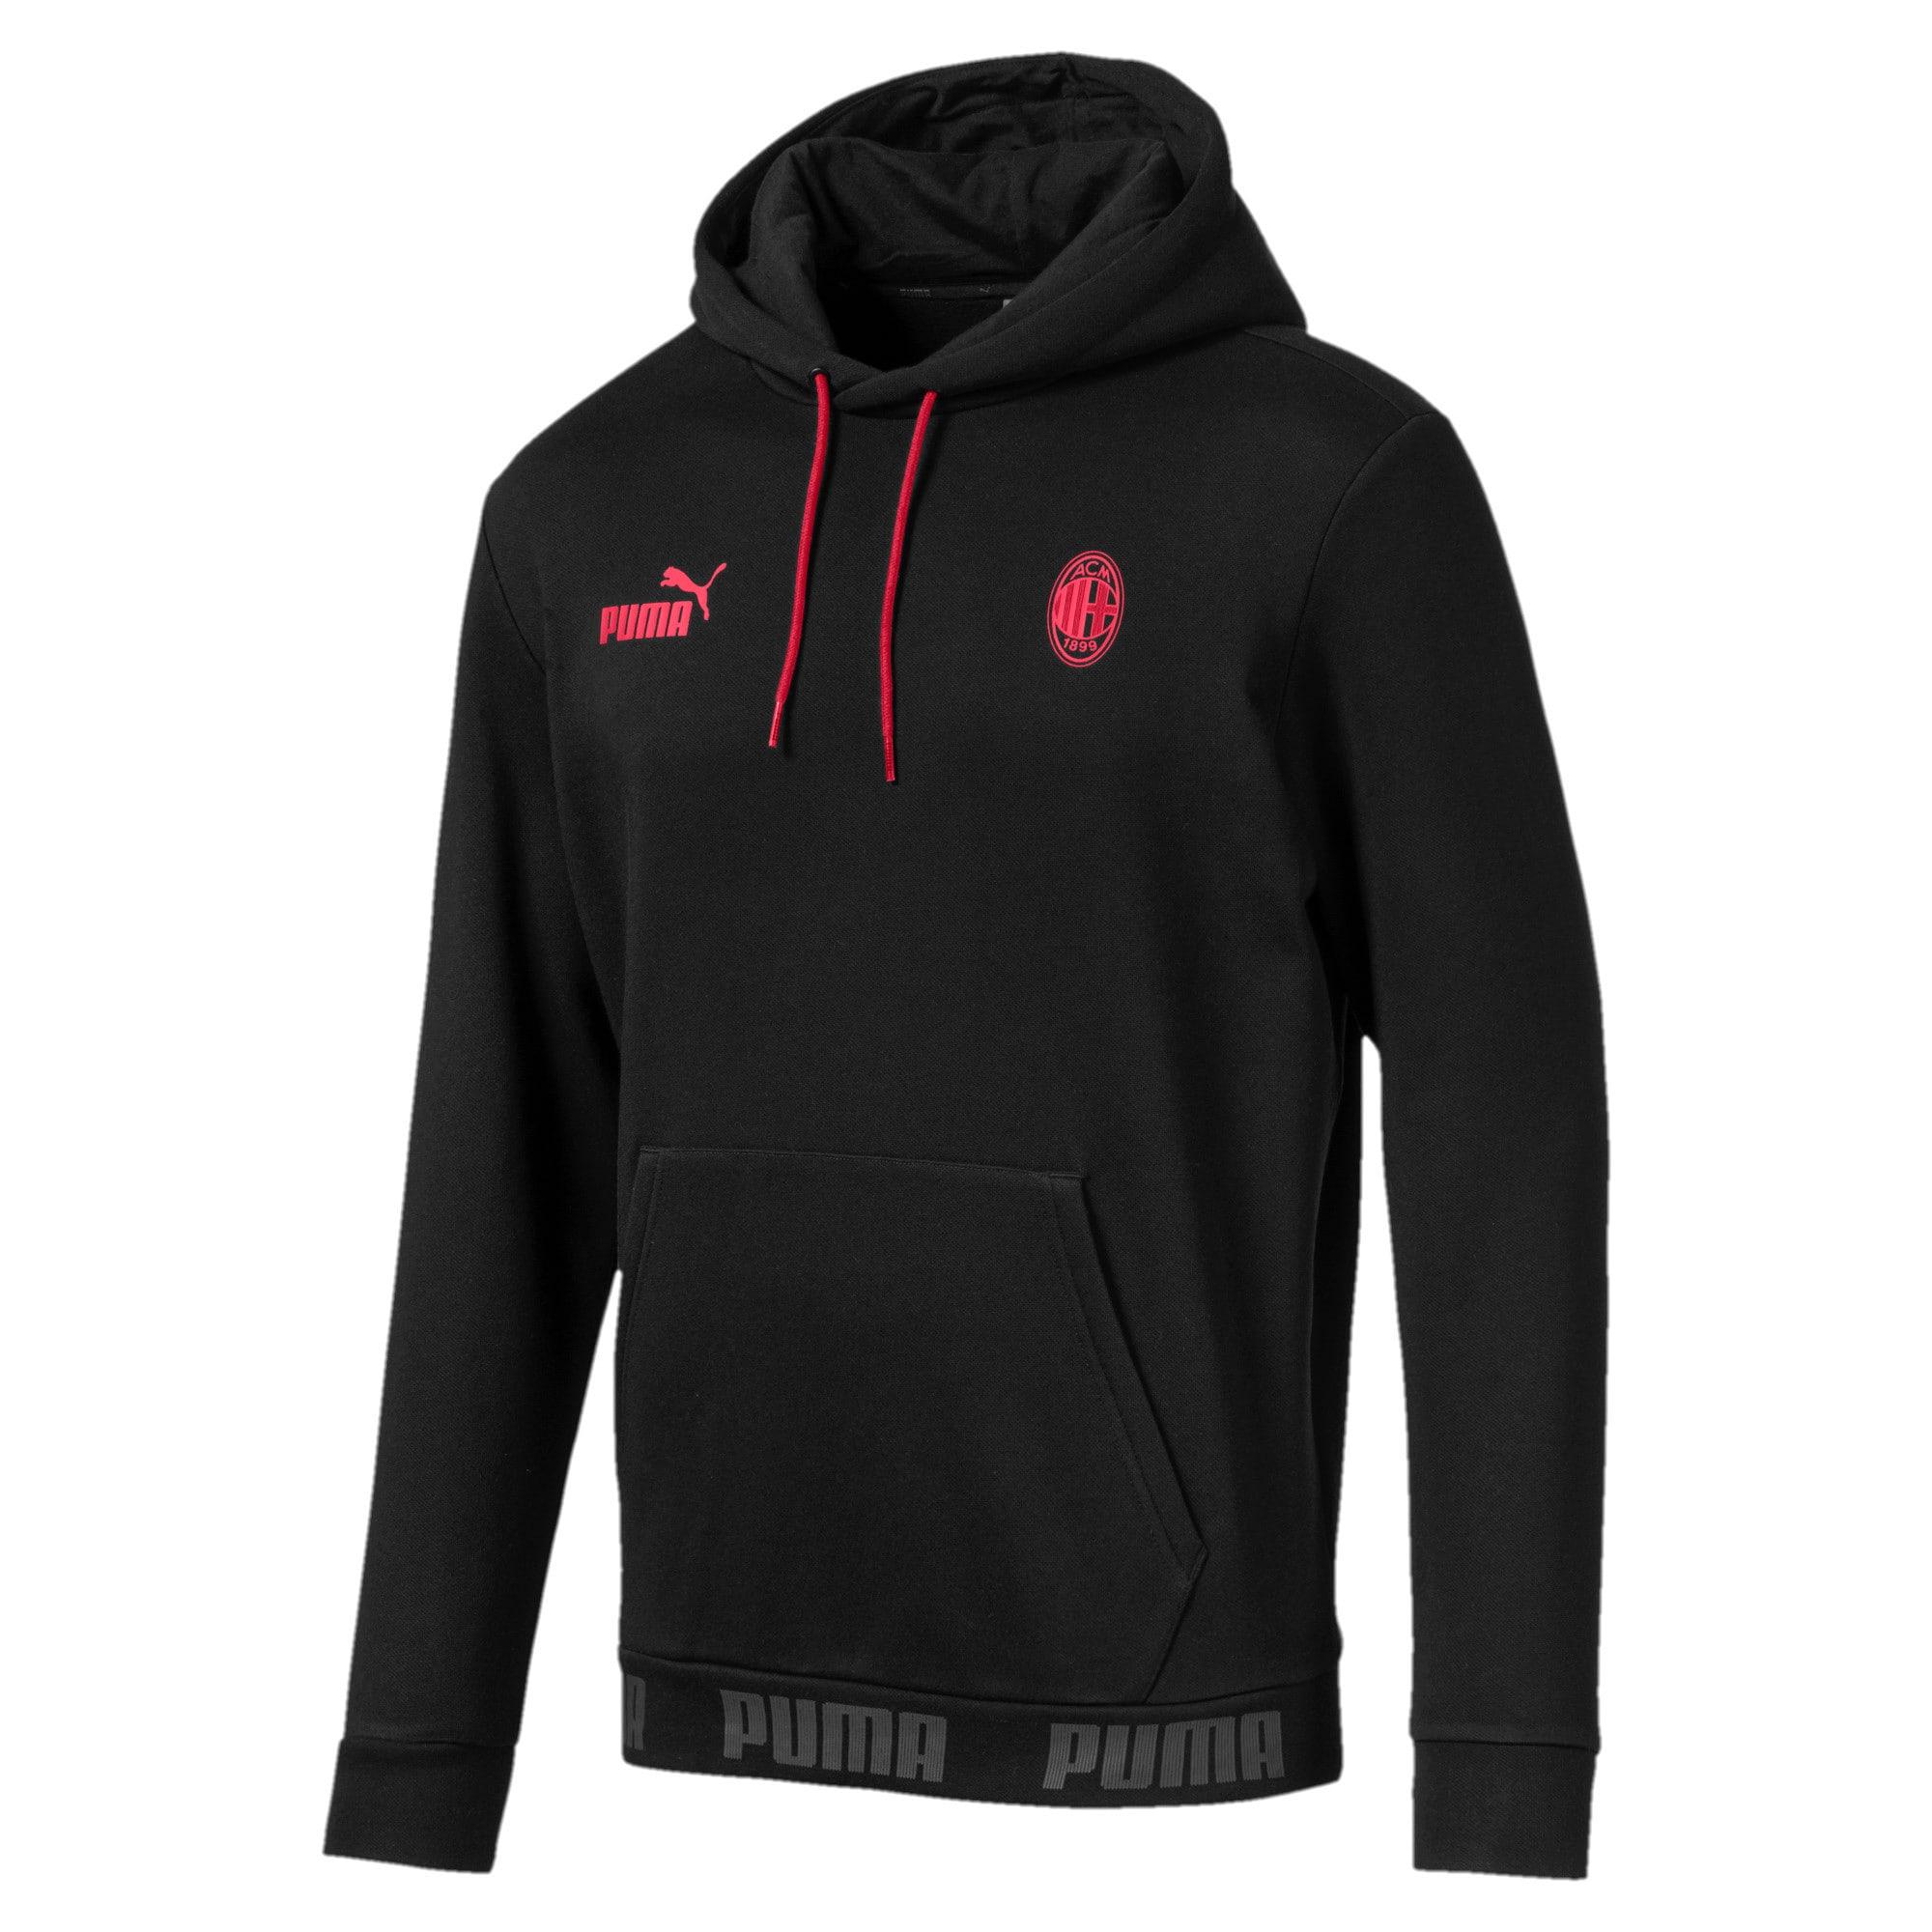 Thumbnail 4 of AC Milan hoodie voor heren, Puma Black-Tango Red, medium